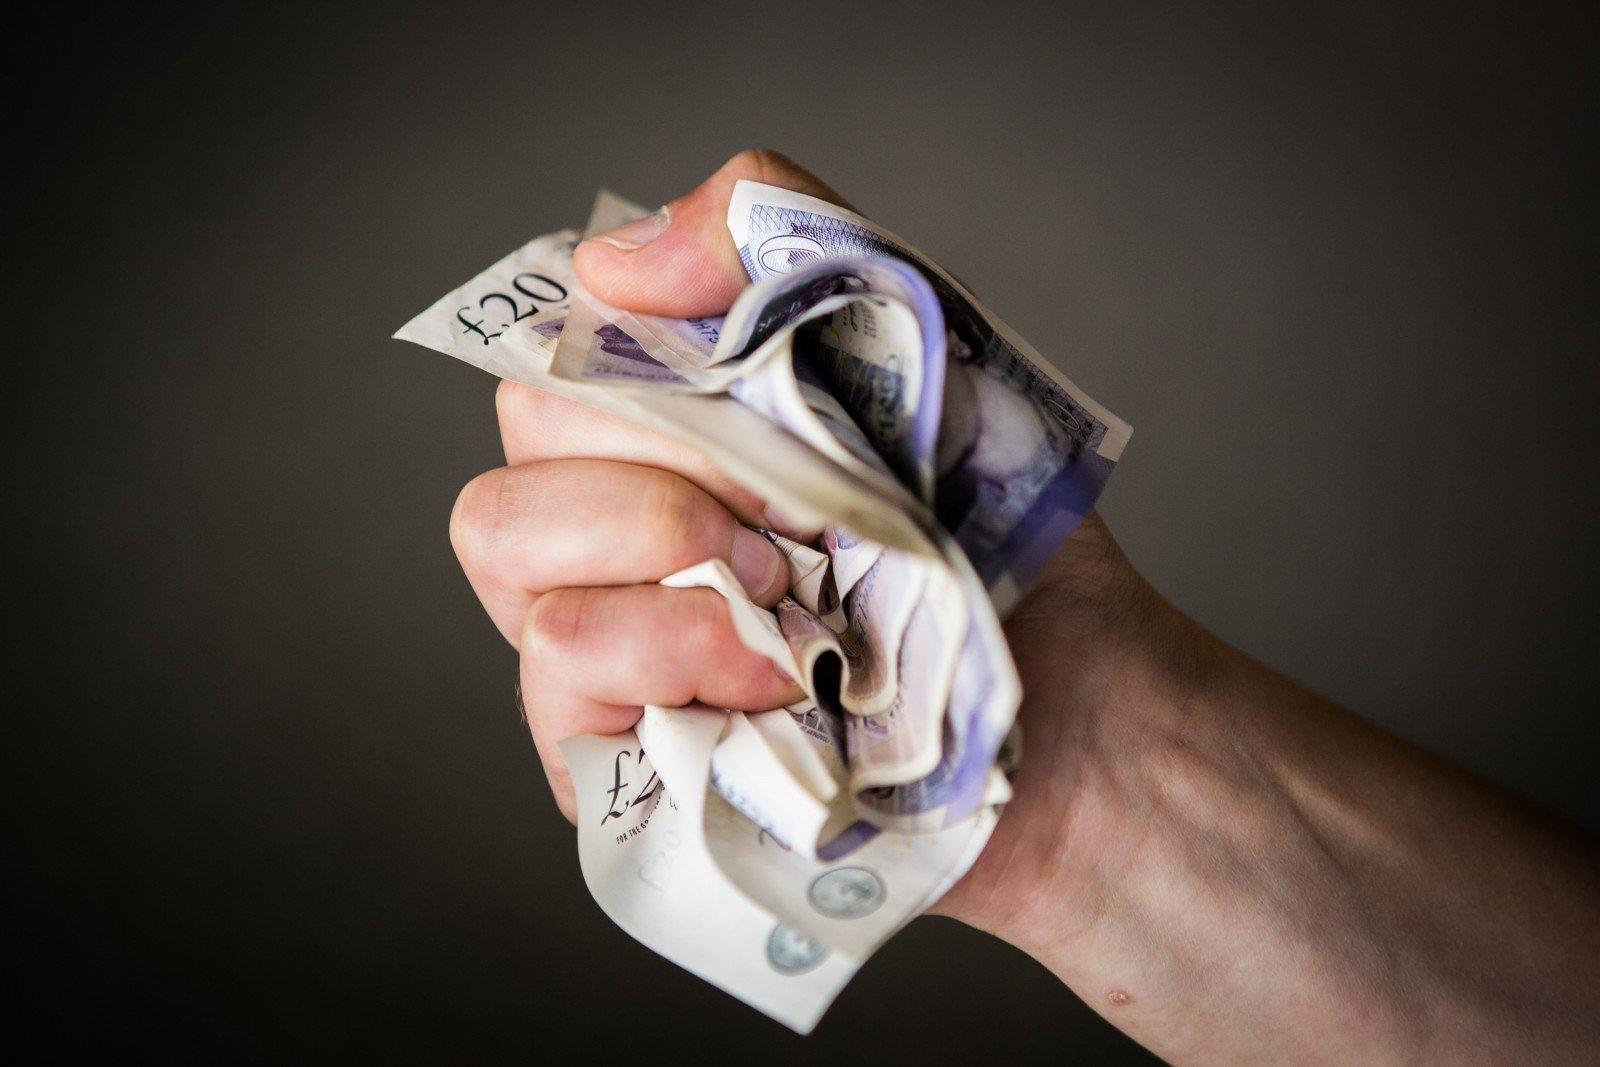 kaip galite užsidirbti pinigų naudodamiesi biuru ir internetu